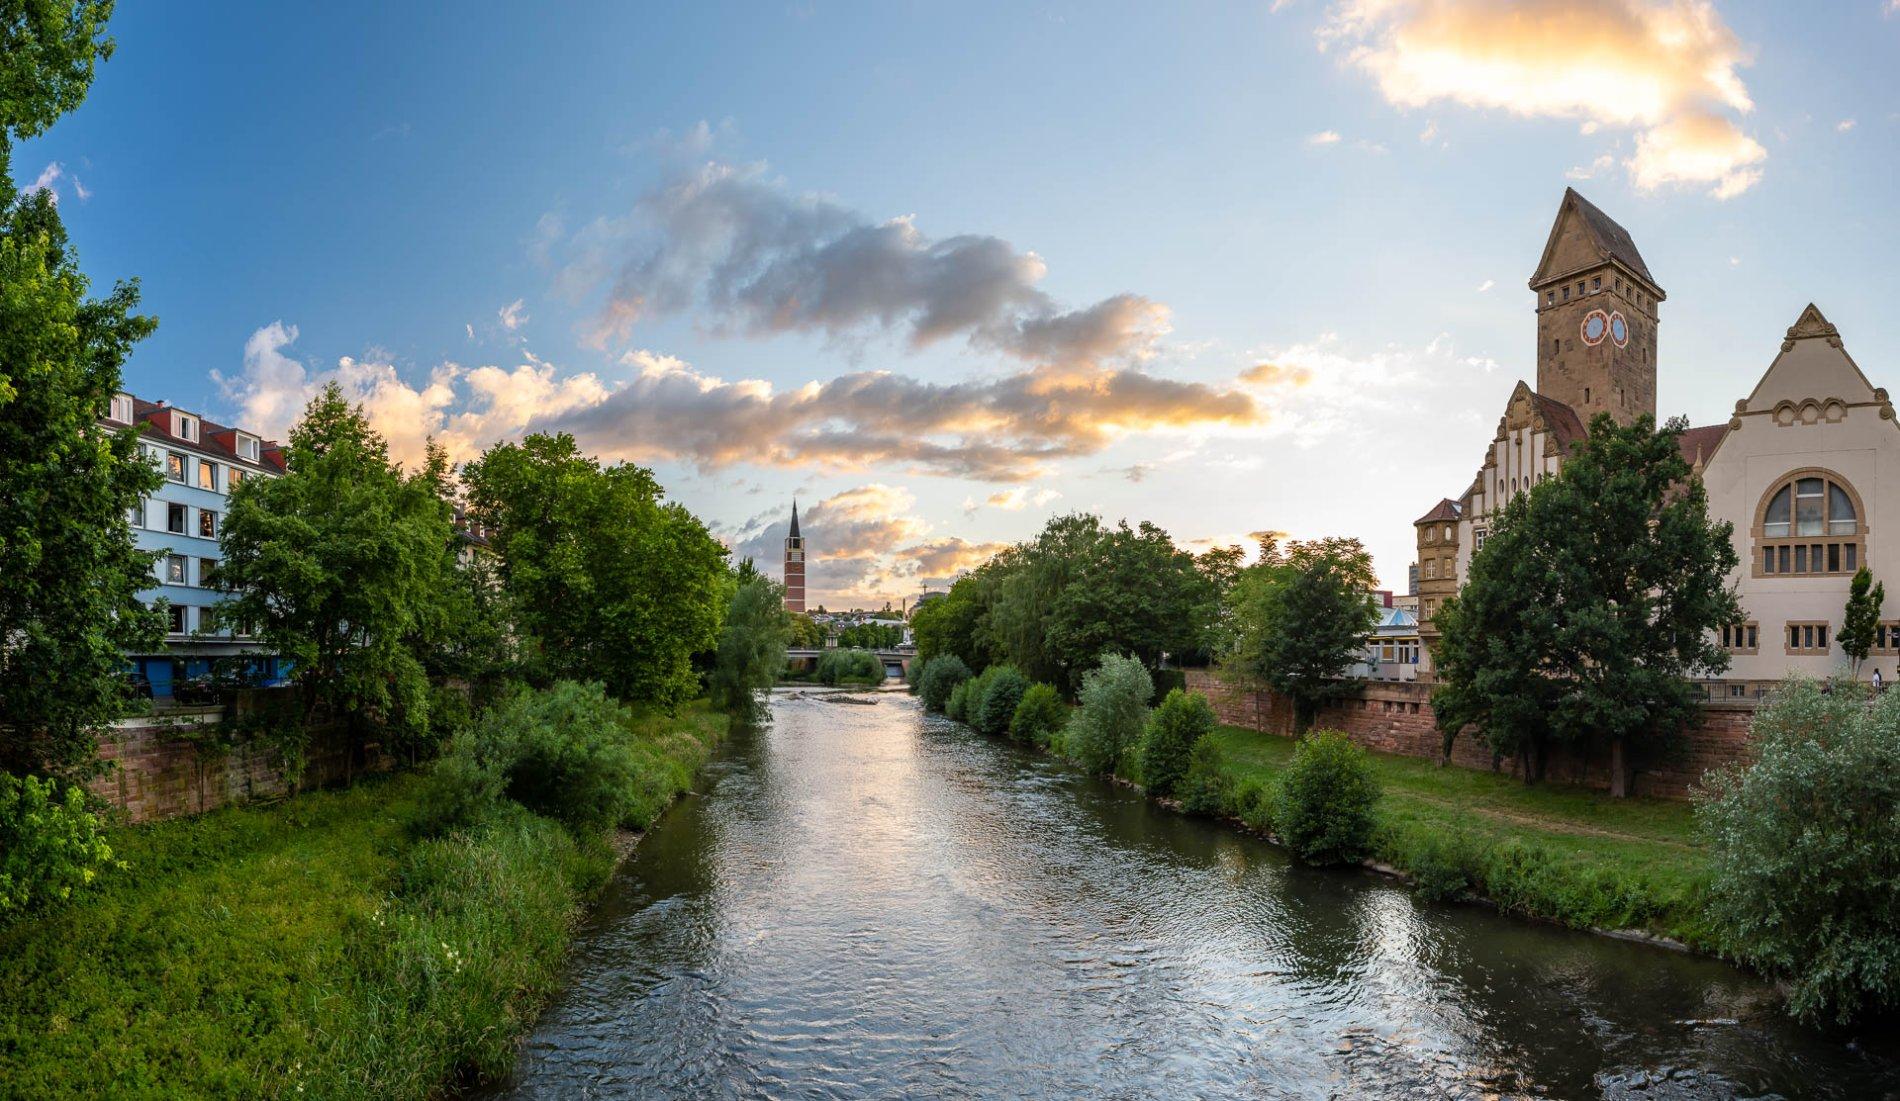 Das EMMA Kreativzentrum mit seinem beeindruckenden Turm und Architektur liegt direkt am Fluss Enz